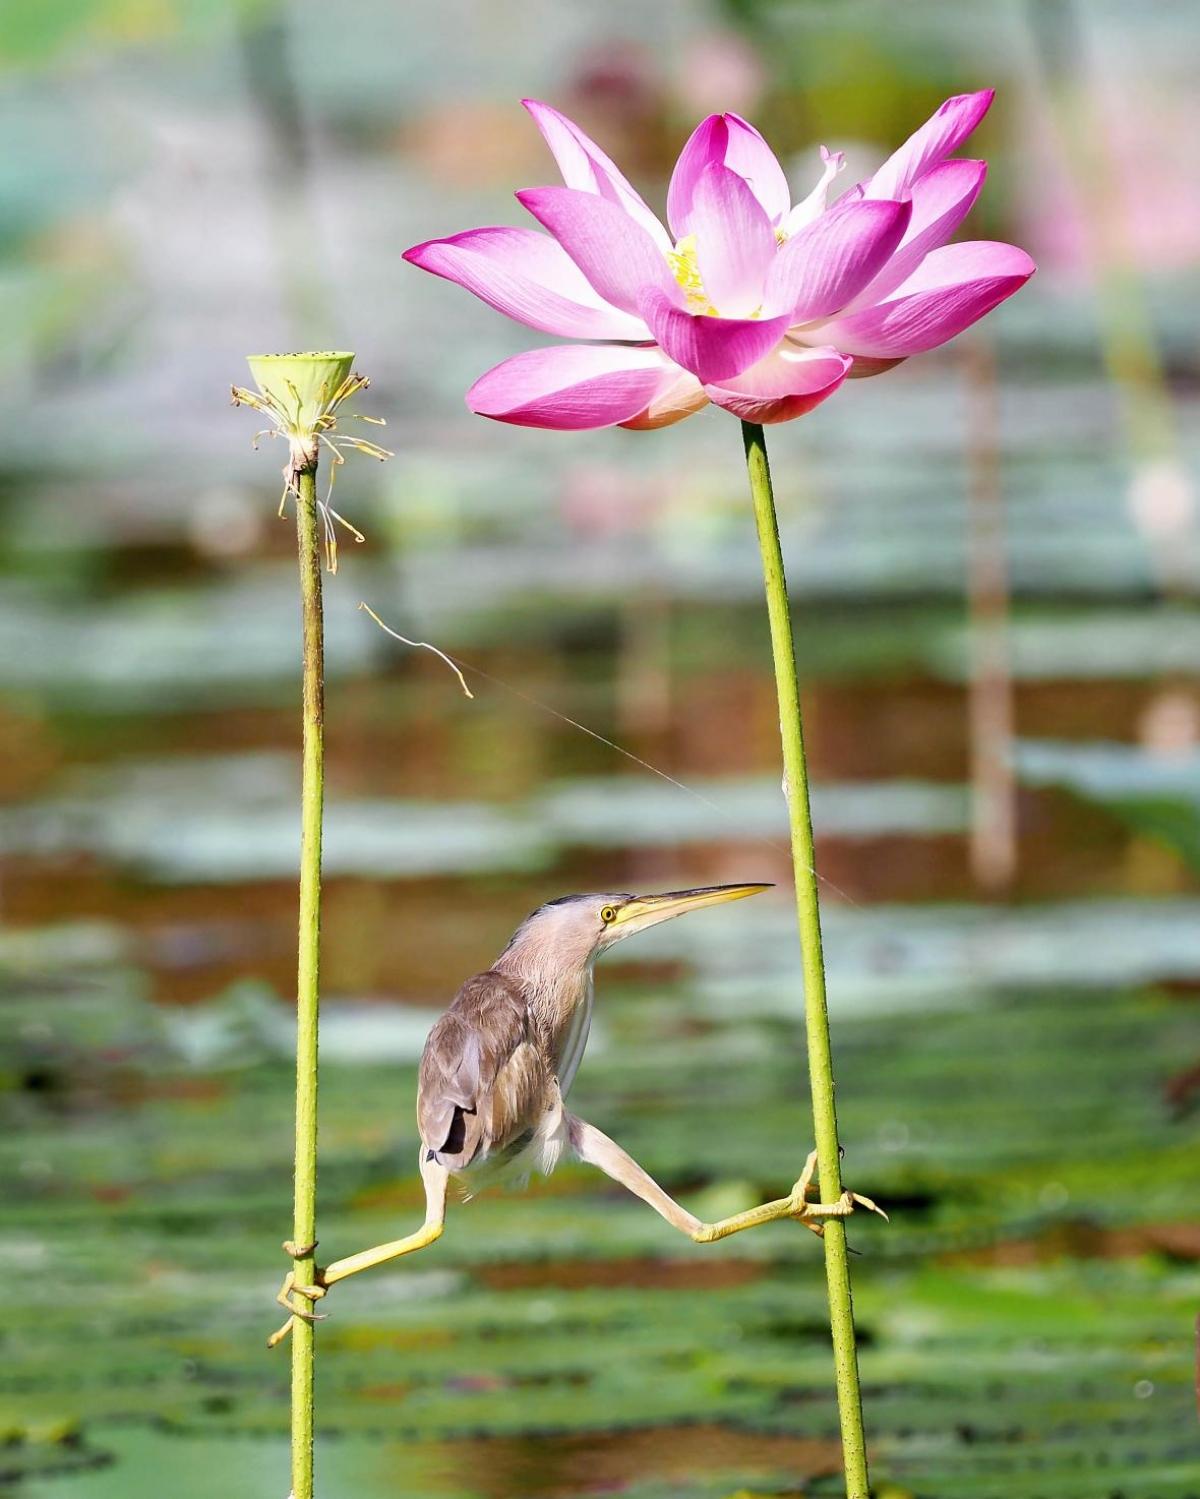 """Nhiếp ảnh gia KT WONG cho biết chú cò lửa lùn này dường như đang cố hết sức để tìm kiếm một vị trí săn mồi thuận tiện. """"Tôi đã chụp bức ảnh này khi nó đang bám vào cuống của 2 bông hoa sen ở Satay By The Bay, Singapore""""."""